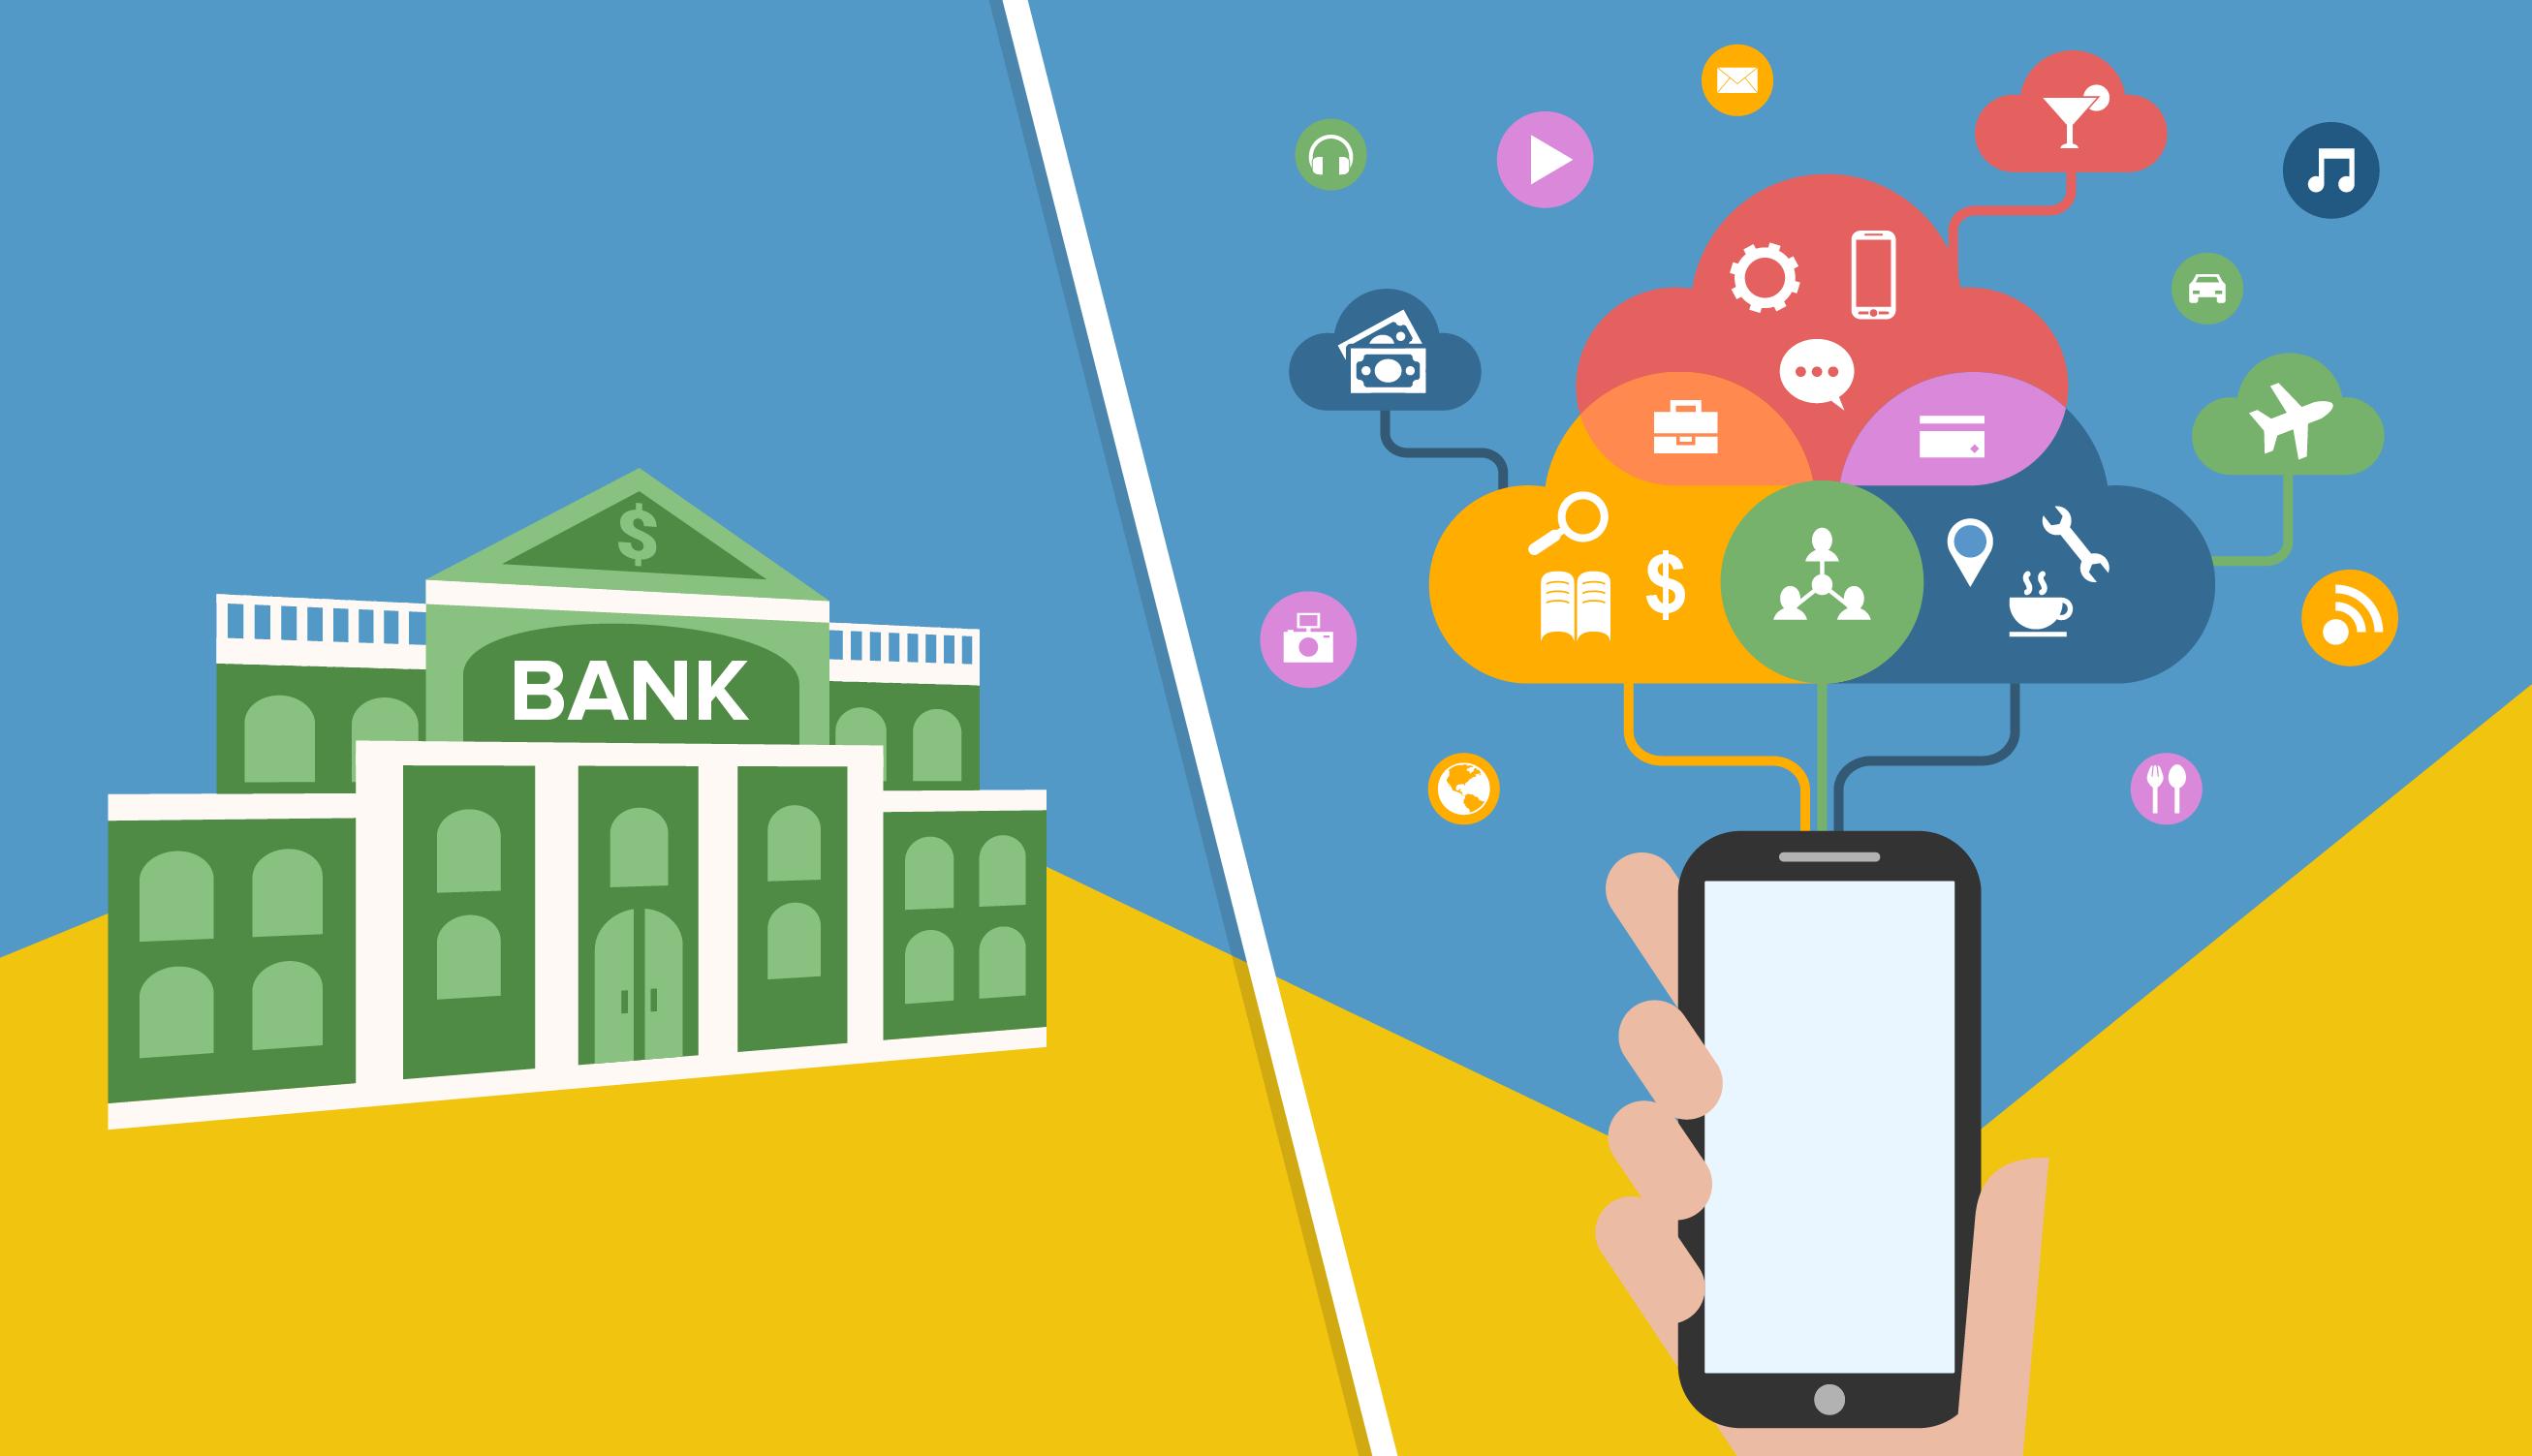 SENTIFI fintech and bank